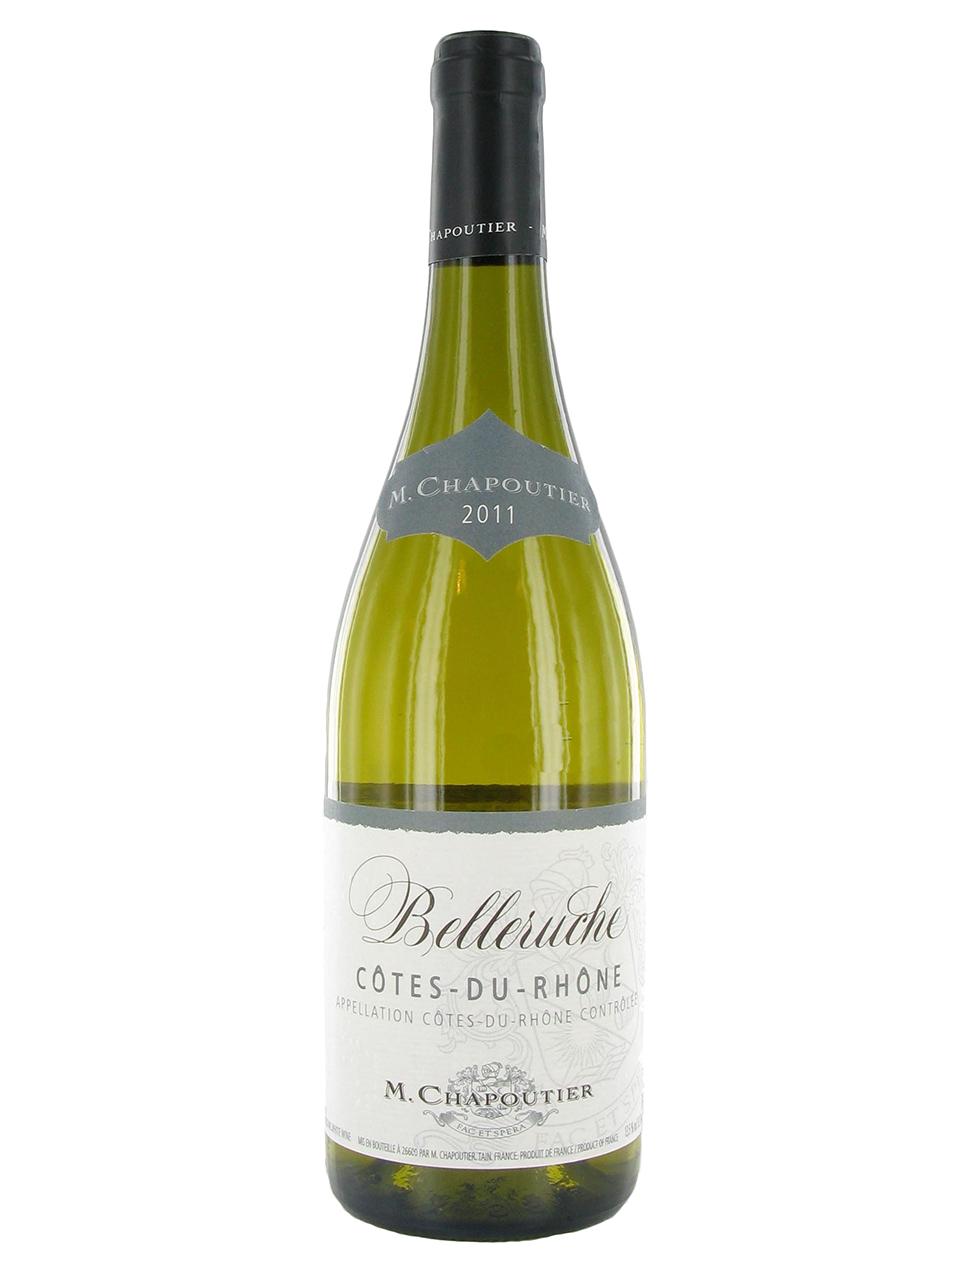 Chapoutier Belleruche Cotes-du-Rhone Blanc